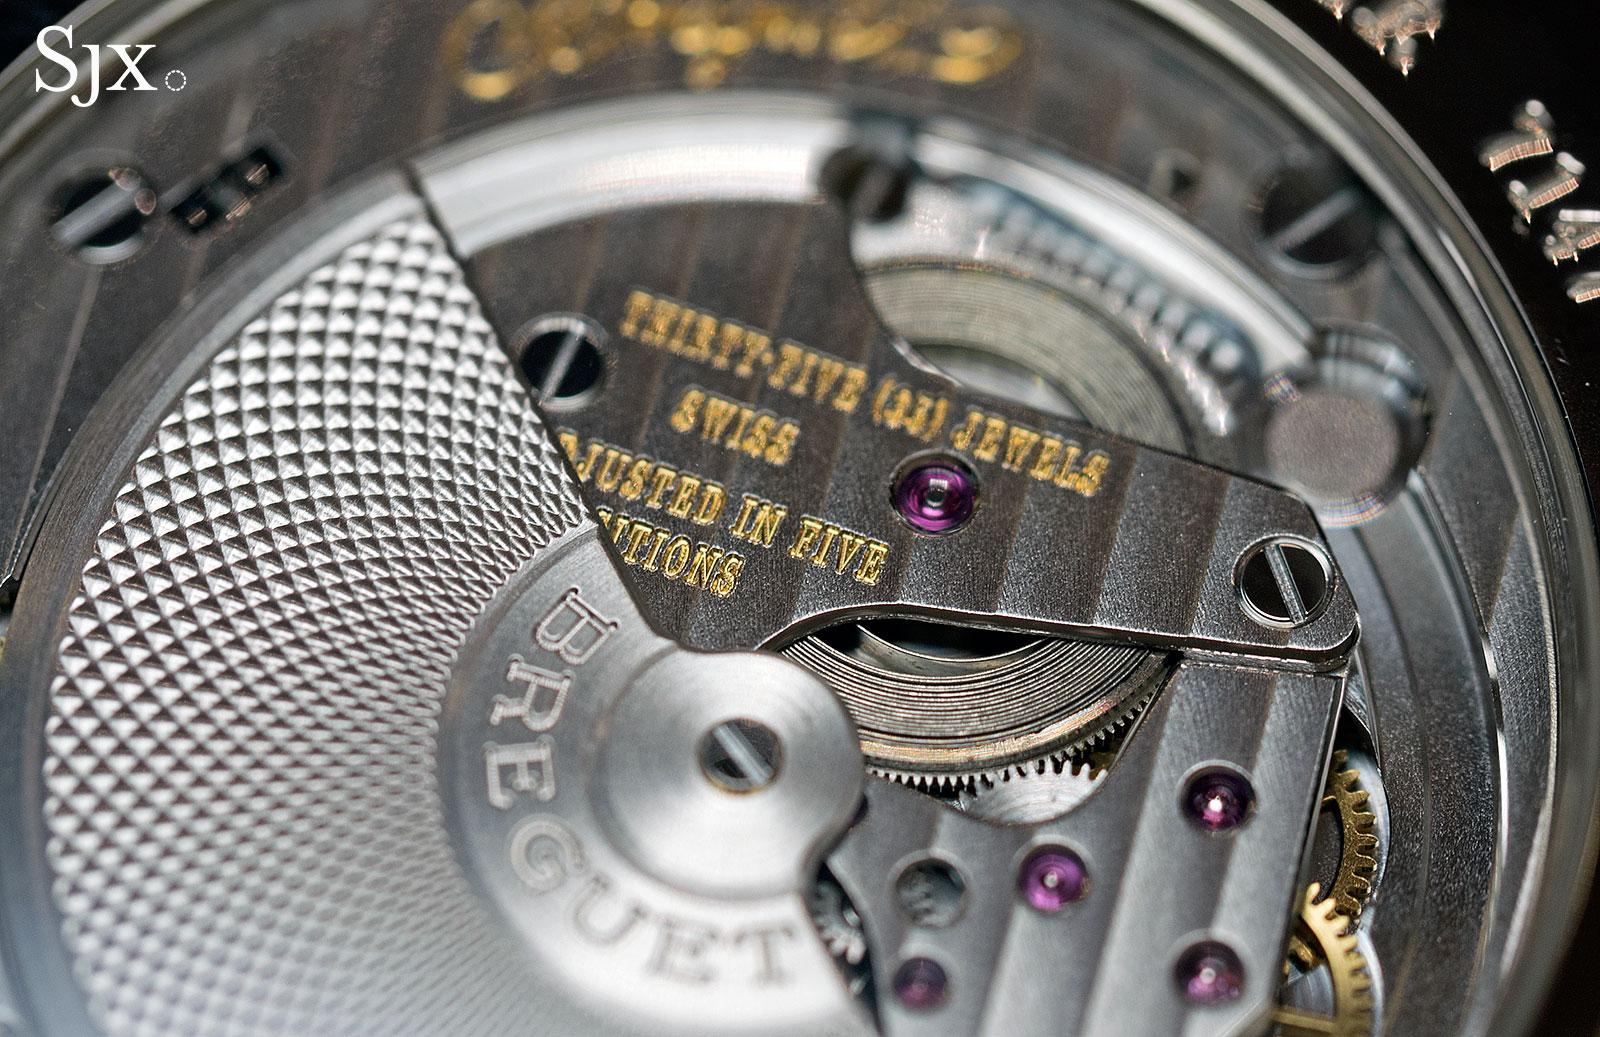 Breguet Classique 7147 enamel dial 15